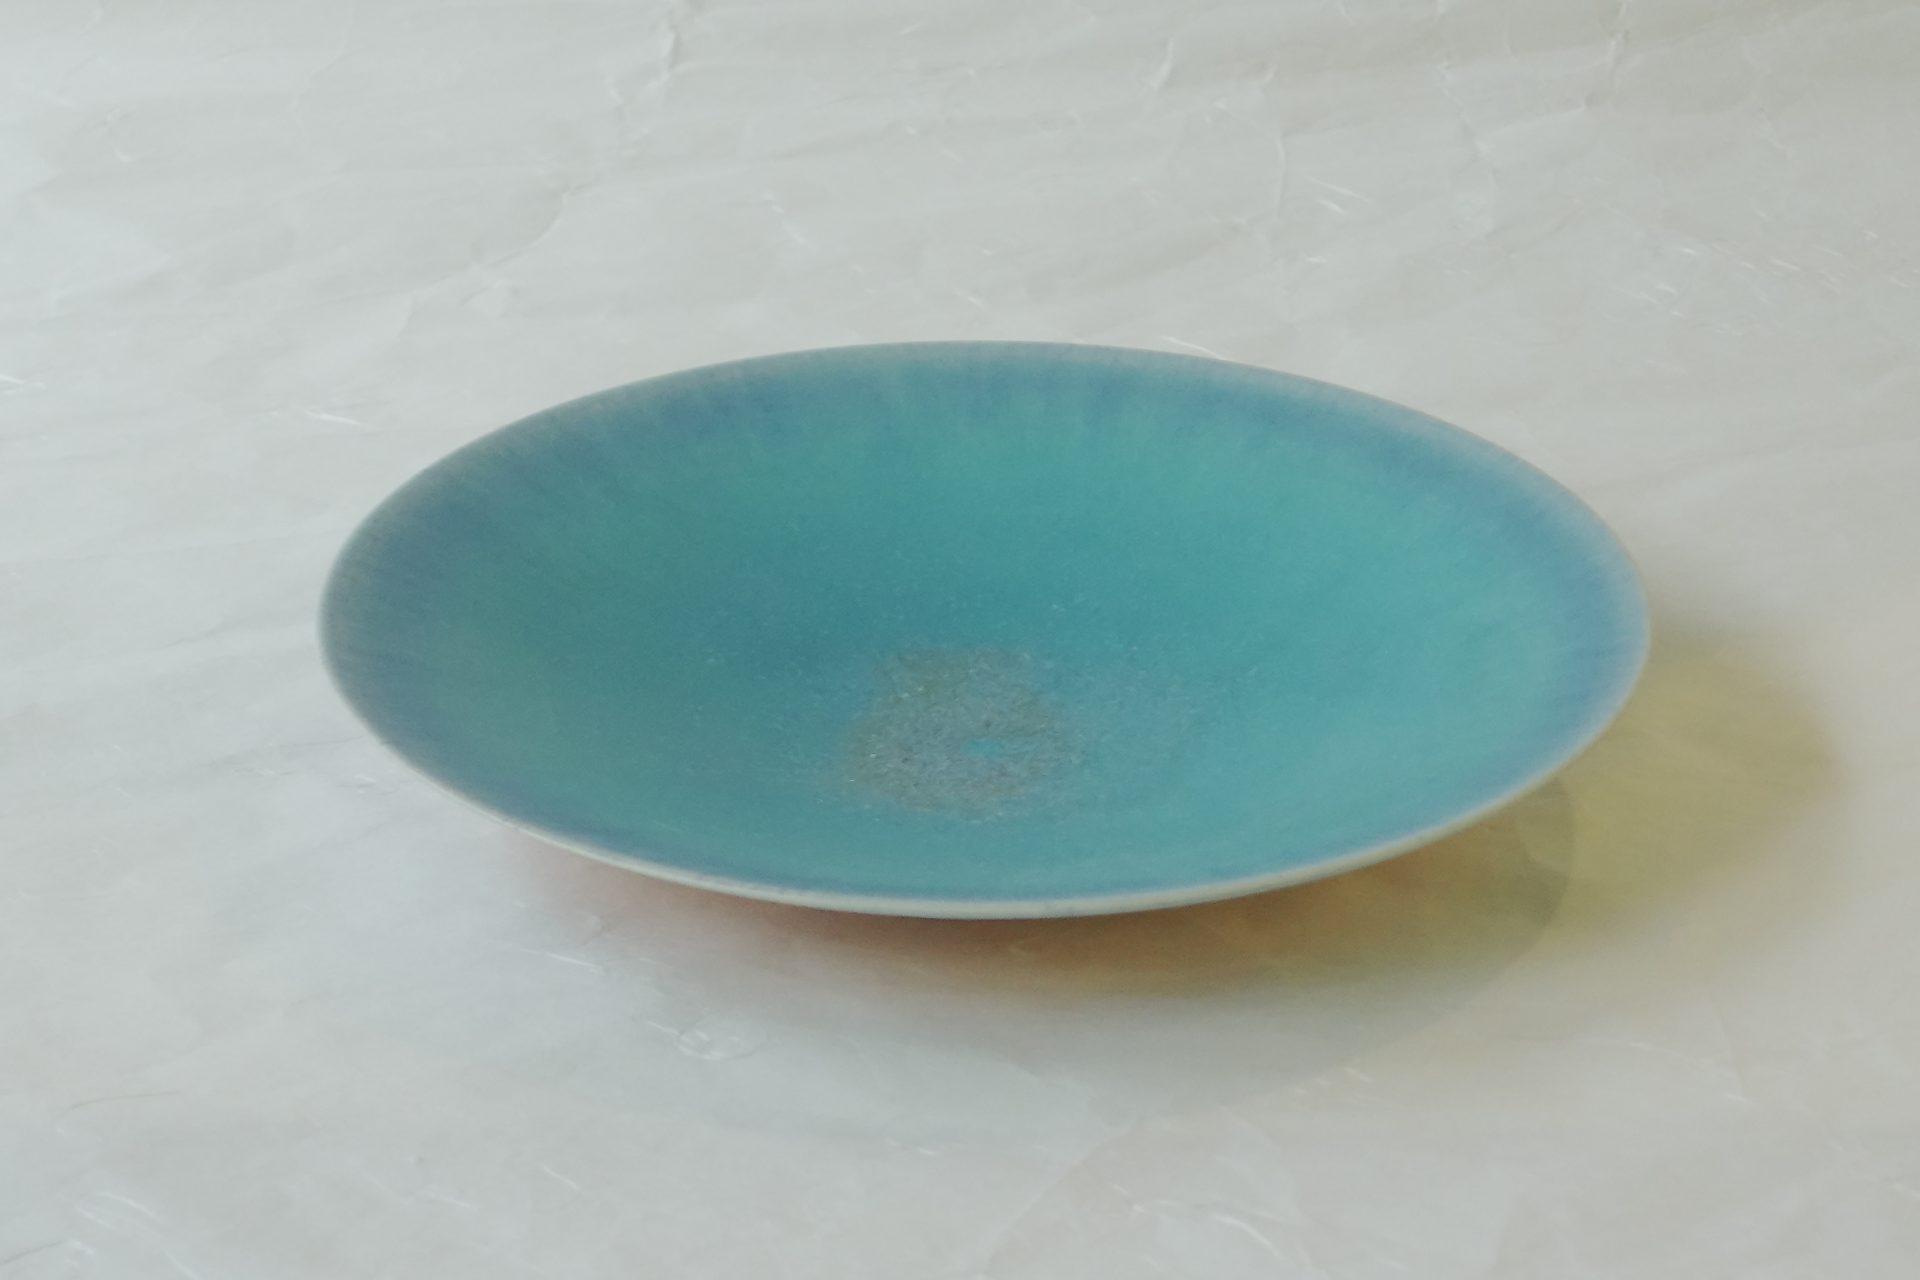 食器 陶器 清水焼 青釉 手づくり プレート きれいな トルコブルー お皿 釉薬の変化 さわやか メイン料理の皿 盛皿 和皿 洋風のお料理 お洒落 引き立てる